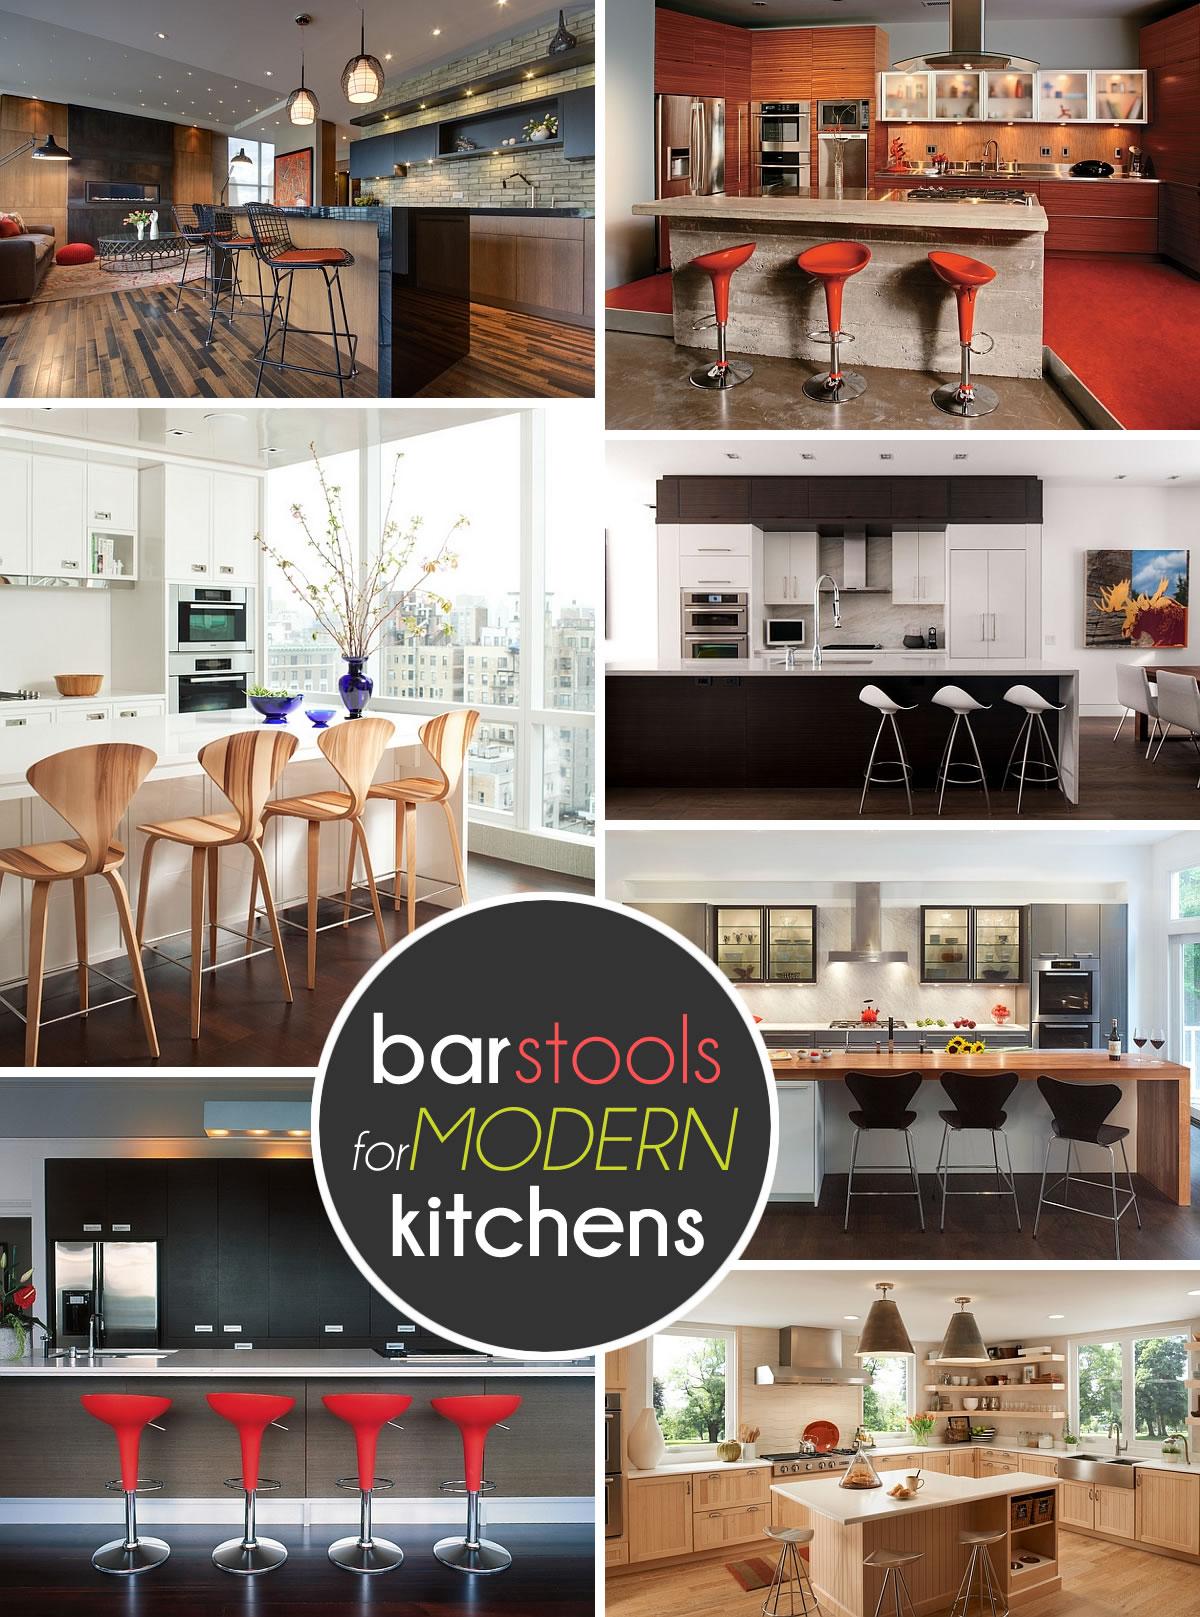 Фотоколлаж: стильные барные стулья в интерьере кухни